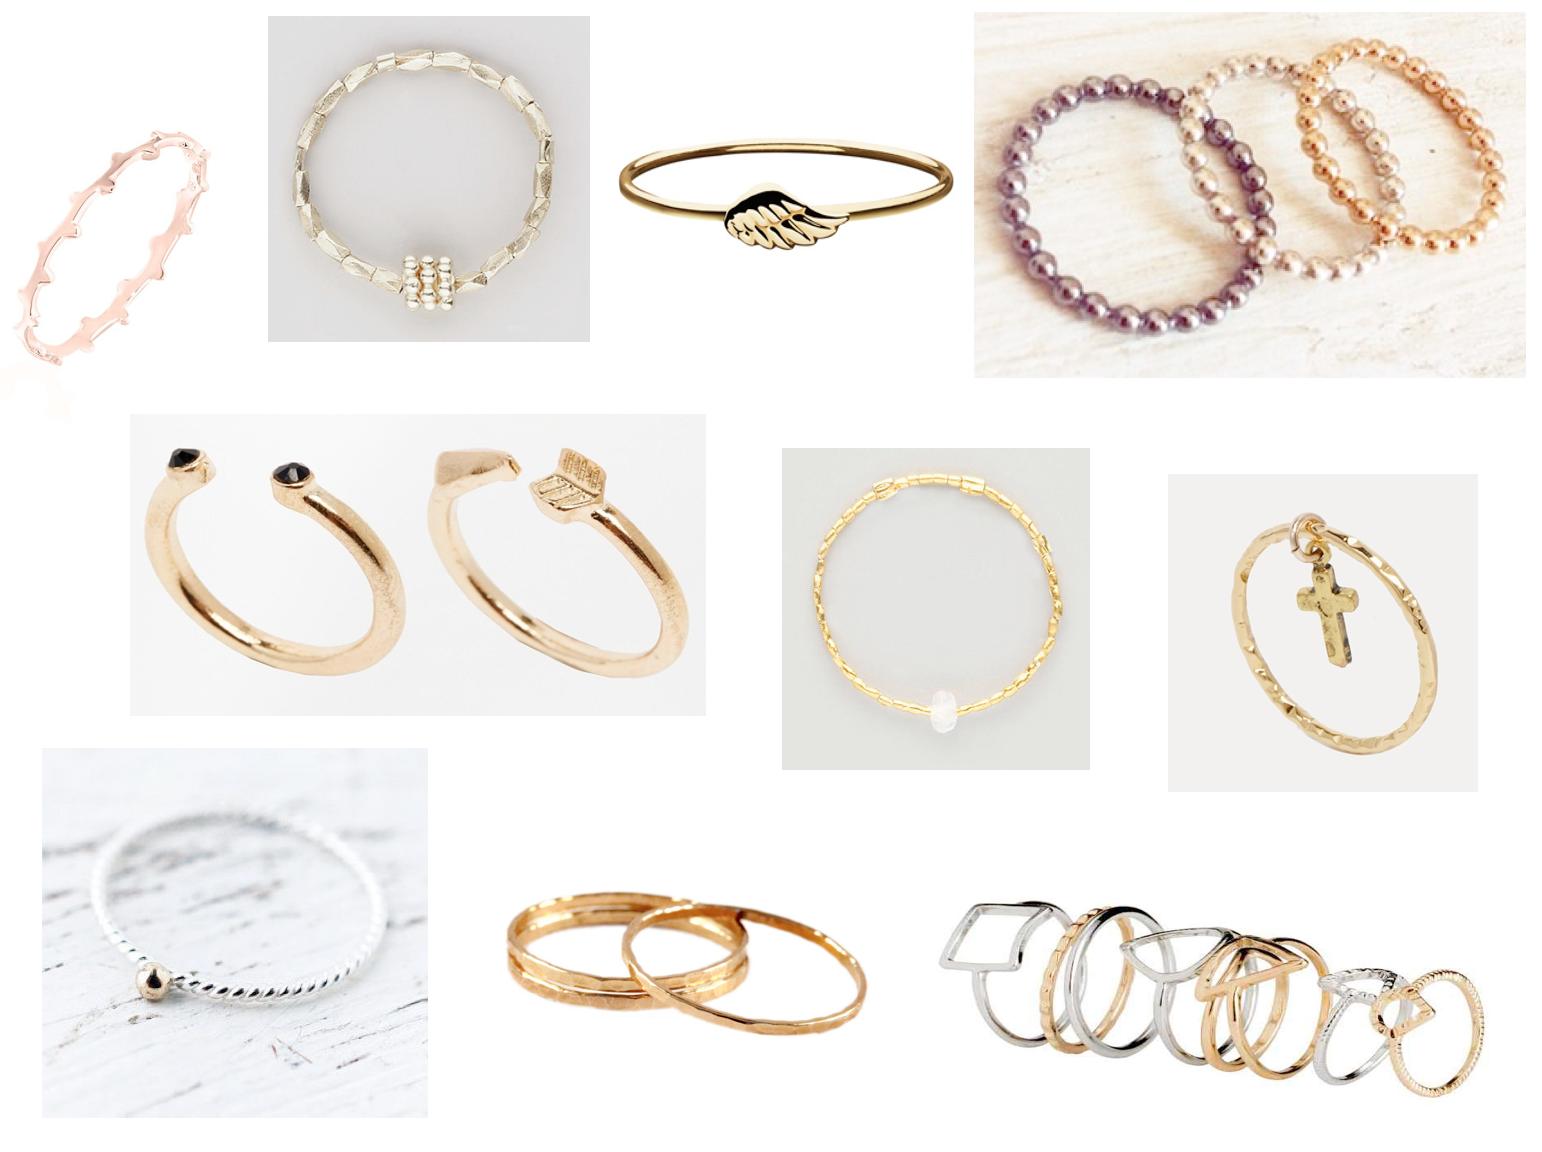 le blog d 39 anastasia tendance mode la bague de phalange fashion trend the knuckle ring. Black Bedroom Furniture Sets. Home Design Ideas